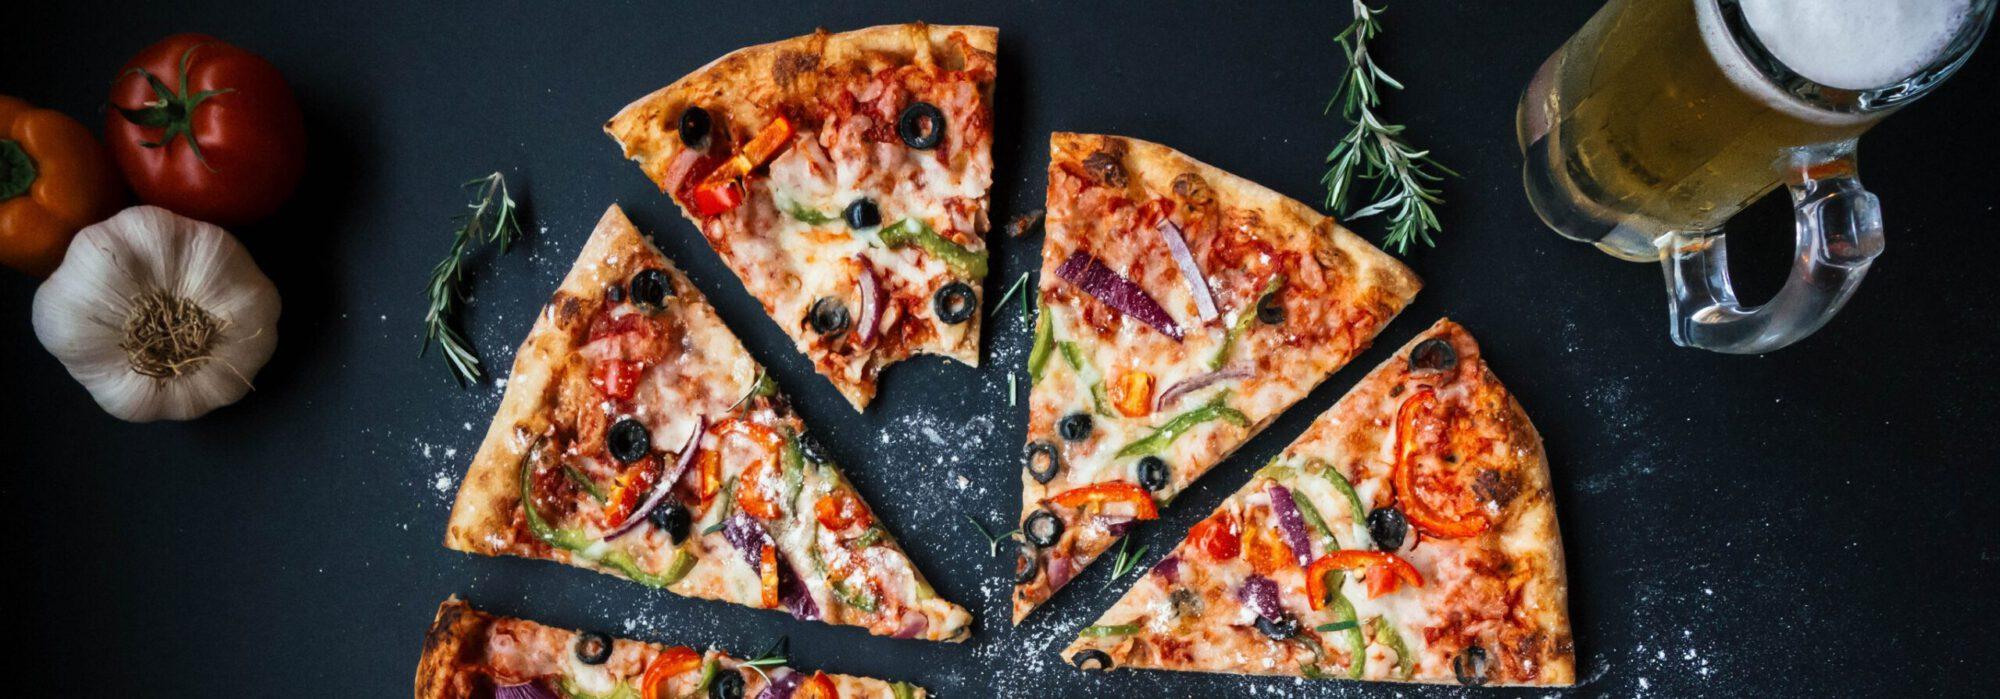 Michelangelo Ristorante - Pizzeria